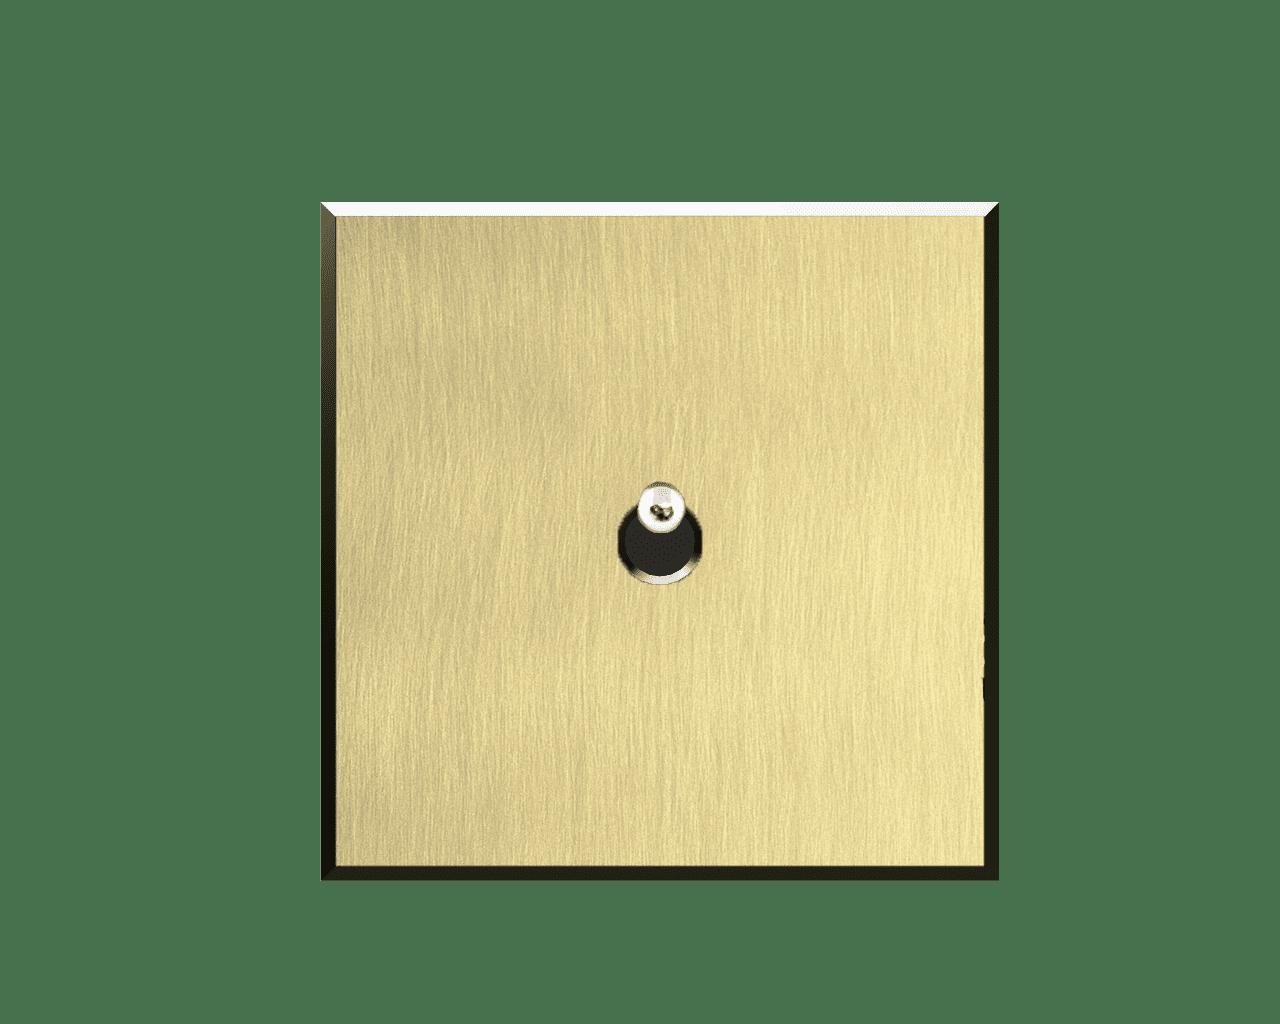 Interrupteur Matière Lumière finition Laiton